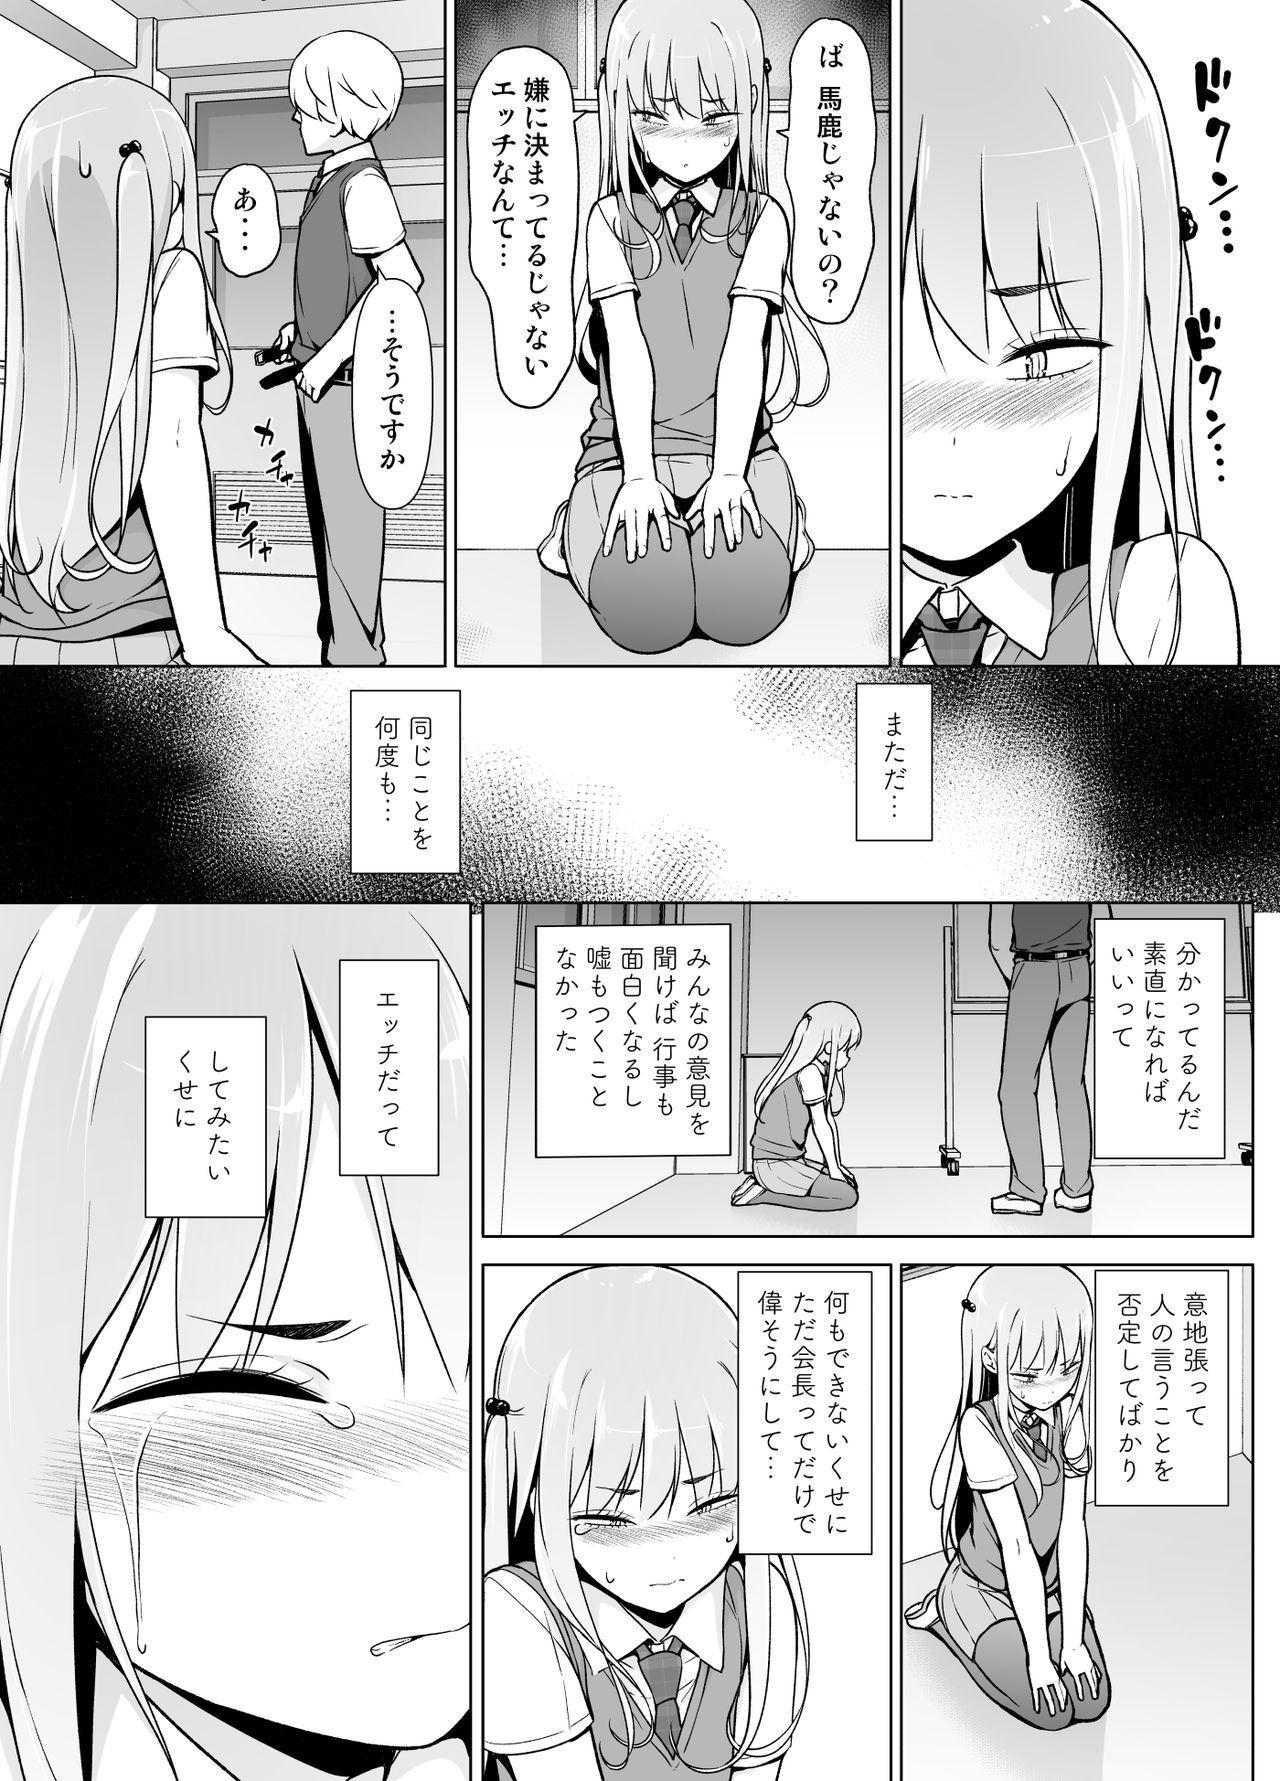 Gouman Seitokaichou ga Josou o Shitara 25